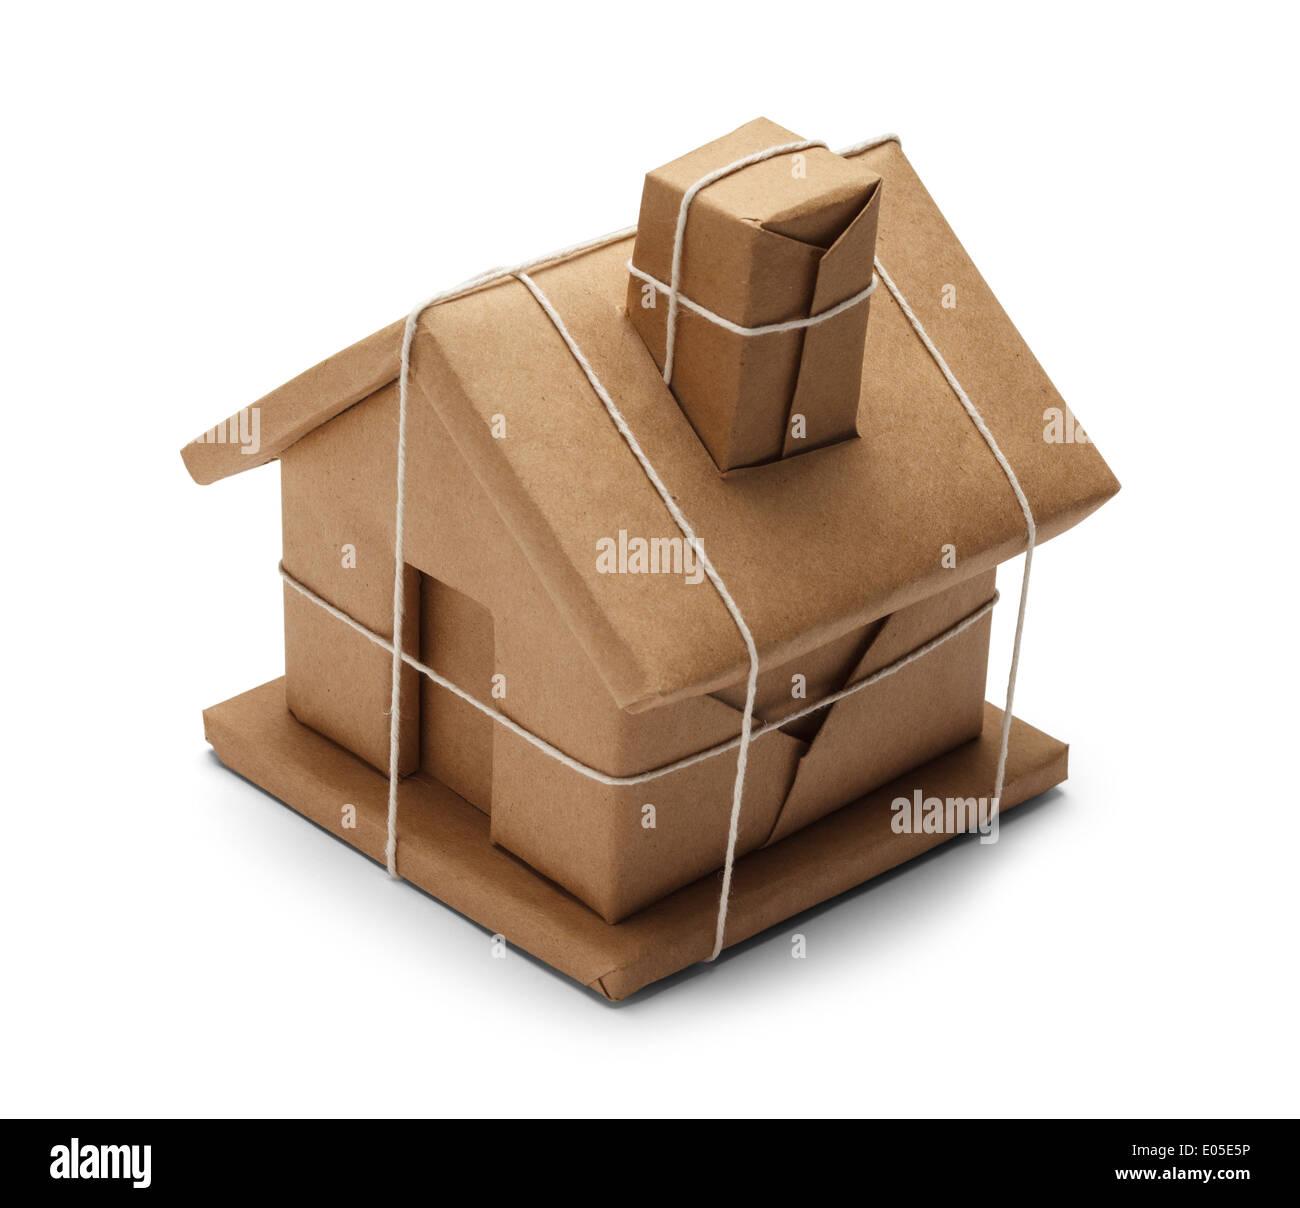 Casa envuelto en papel marrón y Cadena Cuerda aislado sobre fondo blanco. Imagen De Stock